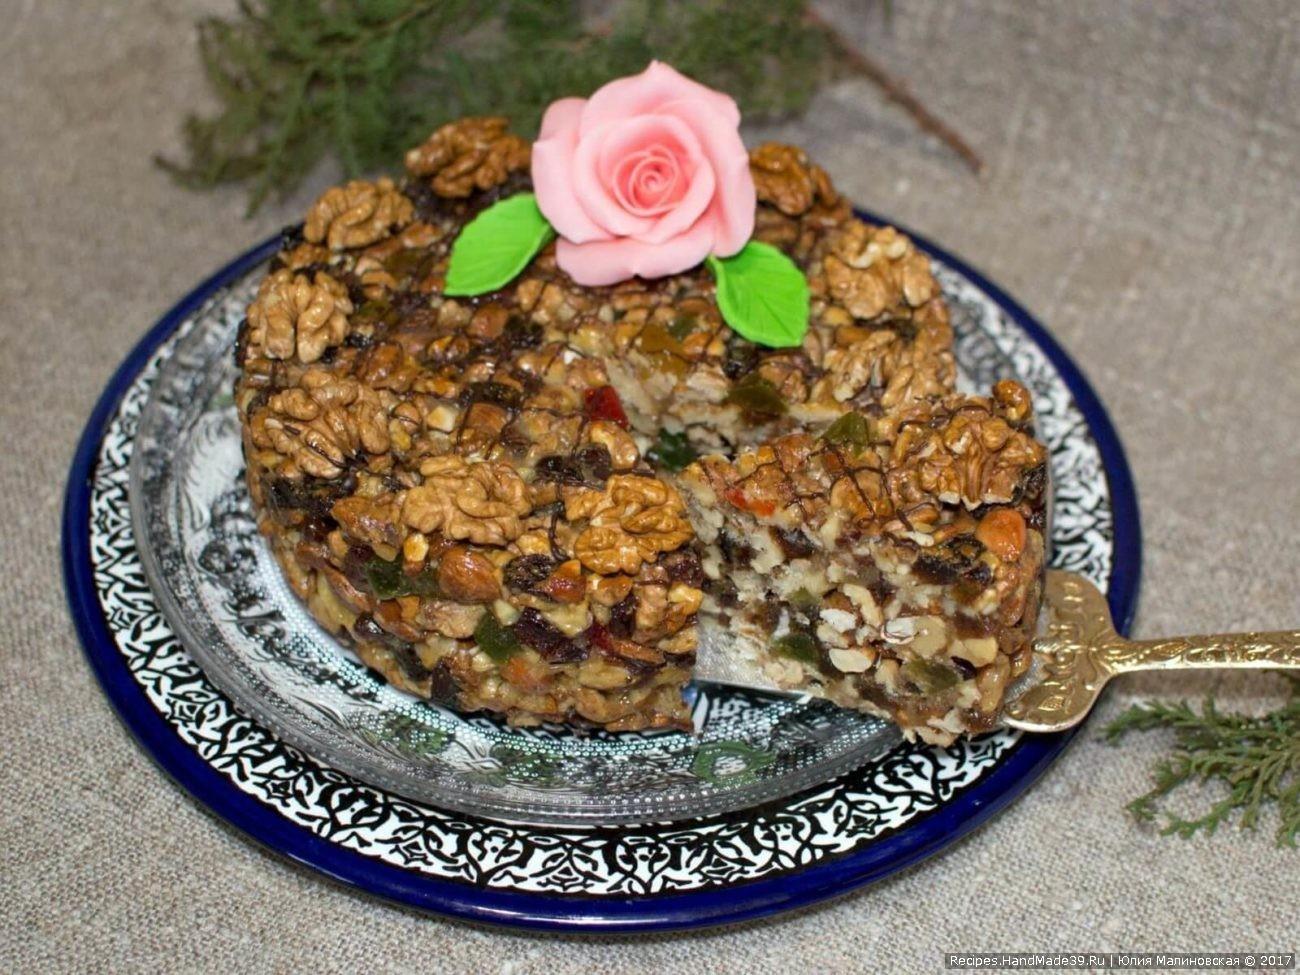 Панфорте – праздничный пирог из орехов и сухофруктов